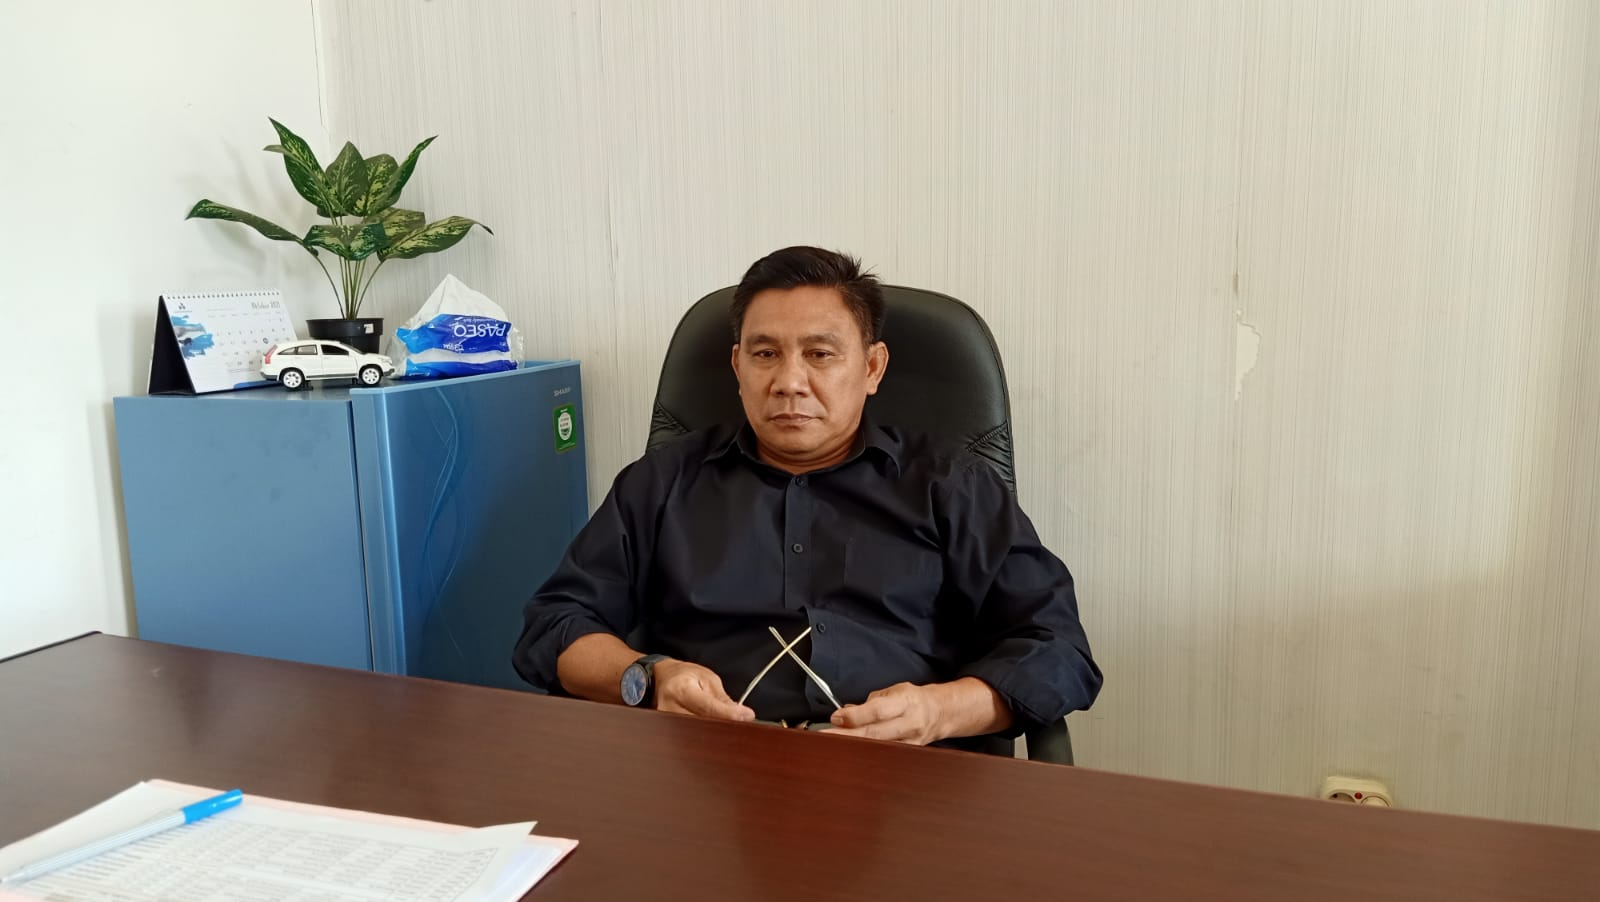 Keterangan Foto : Kepala UPT-UPDB Kubar, Supriadi. Serta dokumen sejumlah kegiatan dilapangan dan di Kantor UPT-UPDB Kubar, Komplek Business Center Tinggi Diraja, Kelurahan Barong Tongkok, Sendawar. (Foto-foto : Dokumen UPT UPDB Kubar).